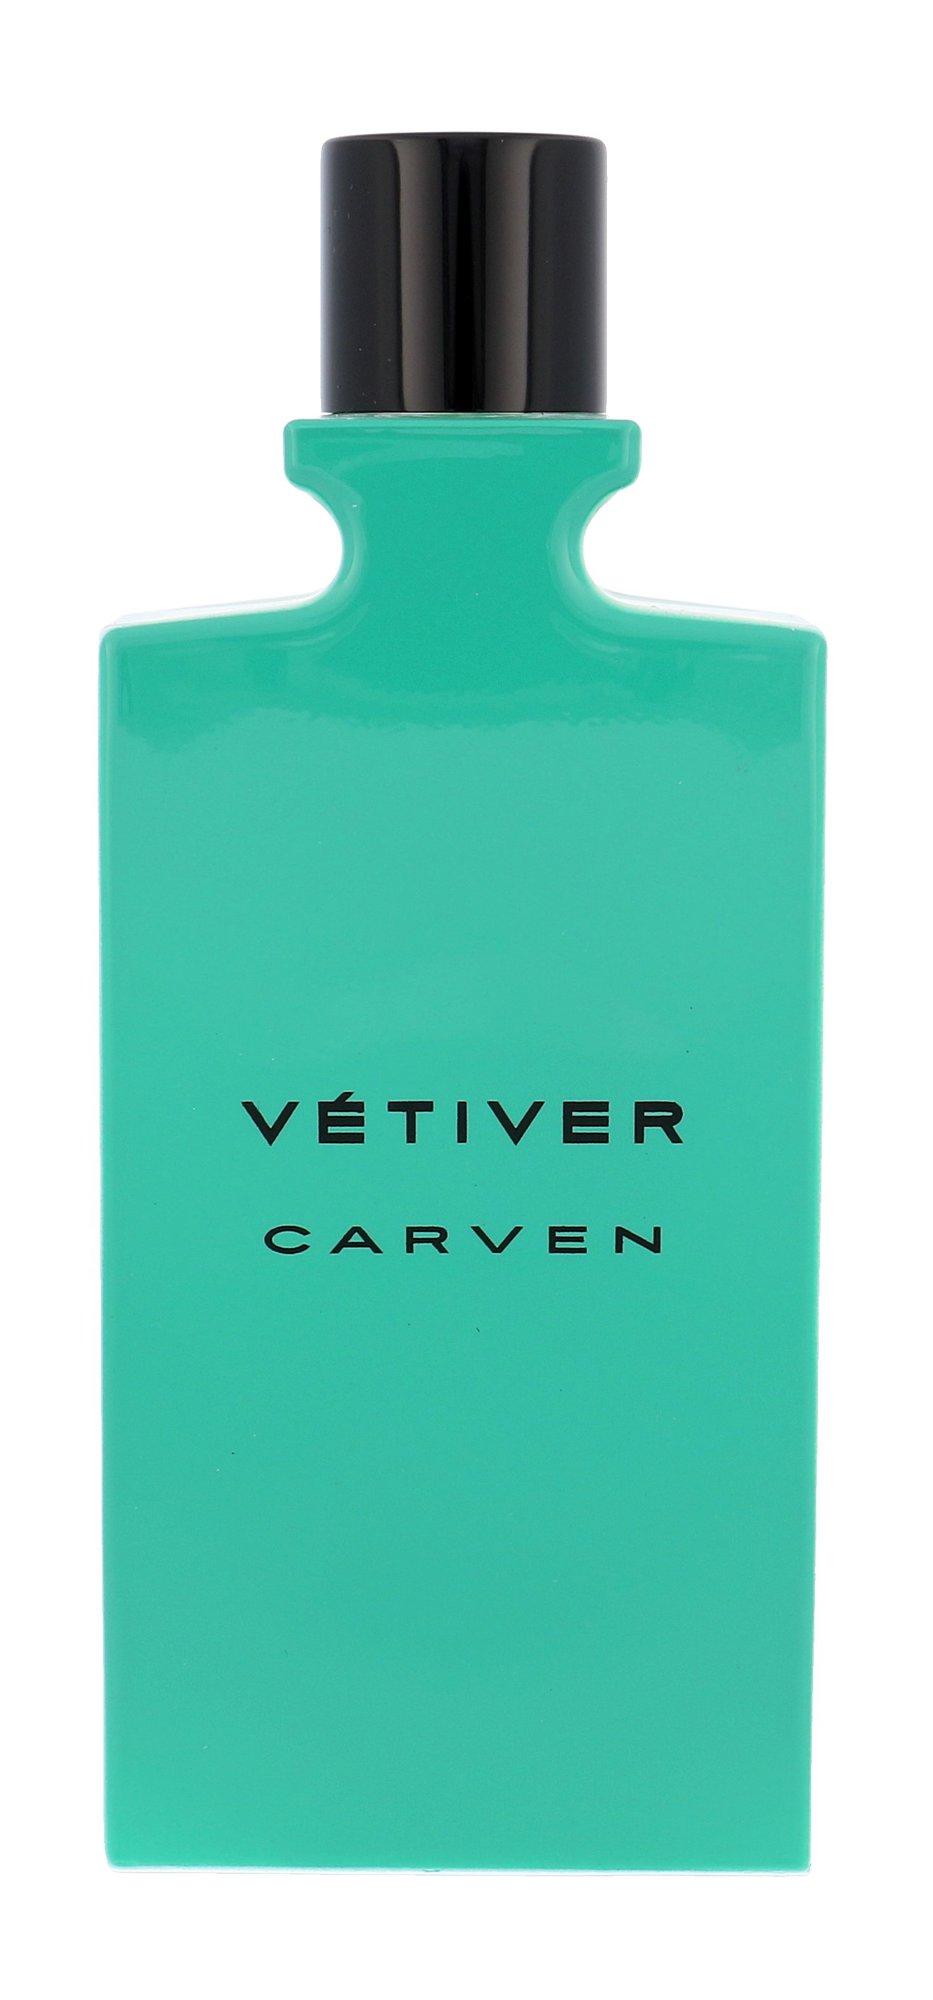 Carven Vetiver EDT 100ml